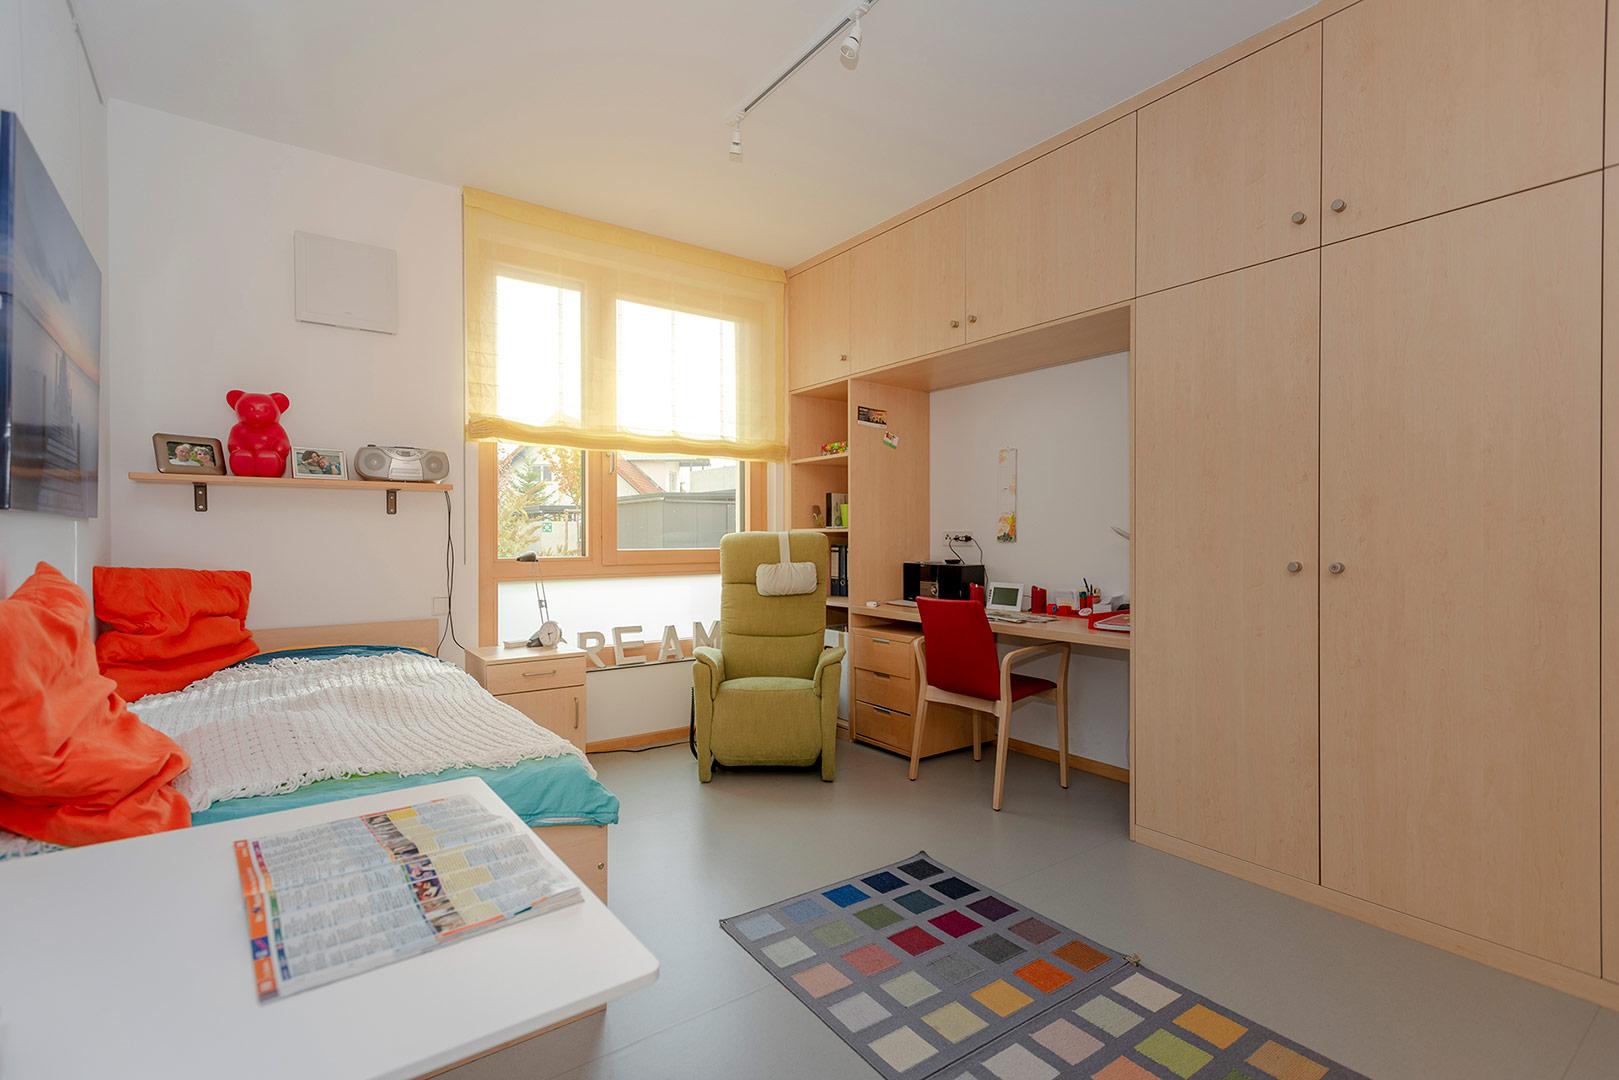 LHWS – Gemeinschaftliches Wohnen, Babenhäußer Straße